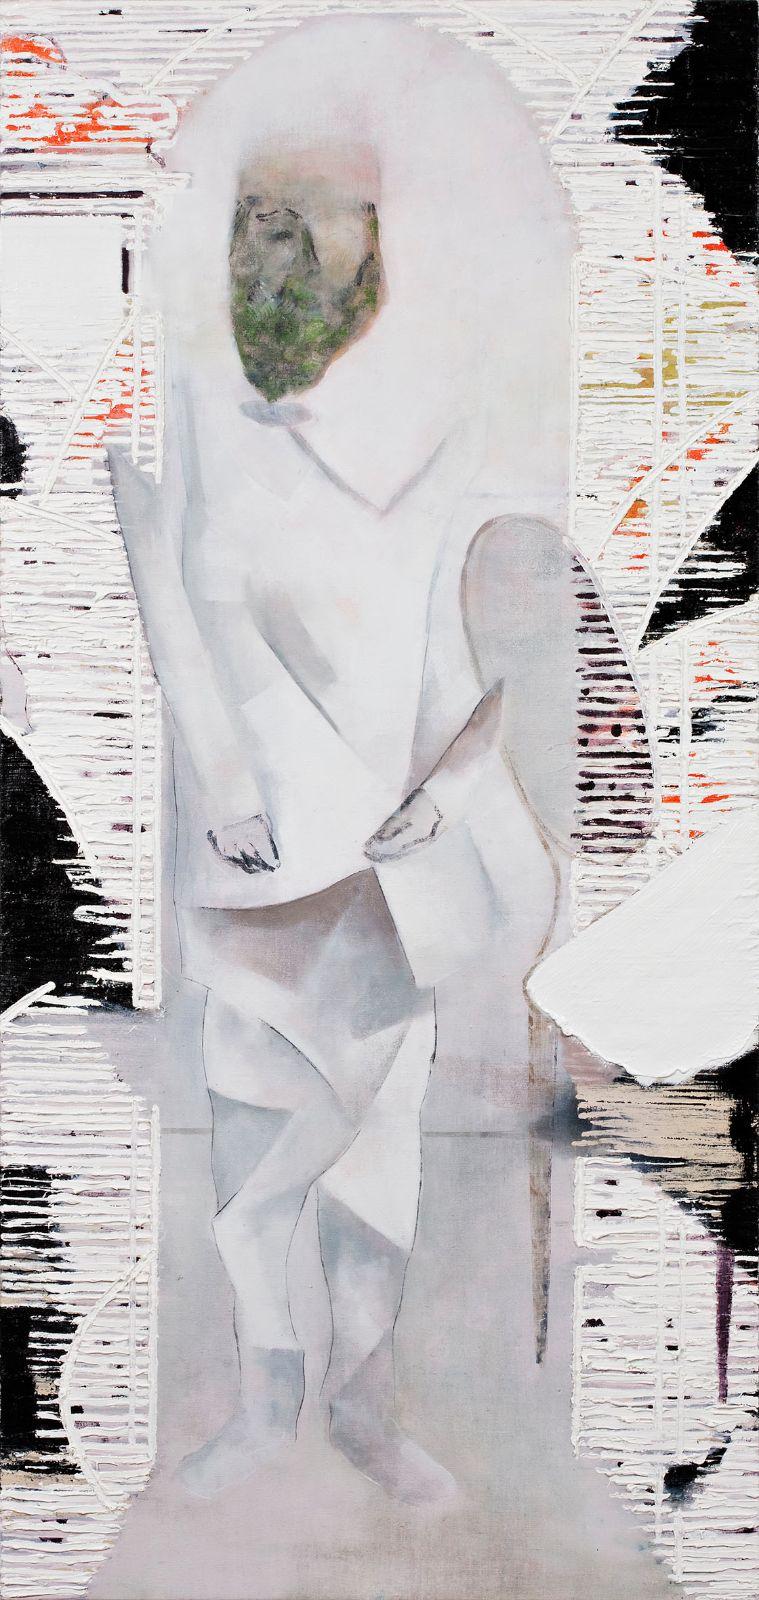 Portner (Hugo Ball), 2009, oil on canvas on panel, 200 x 96 cm